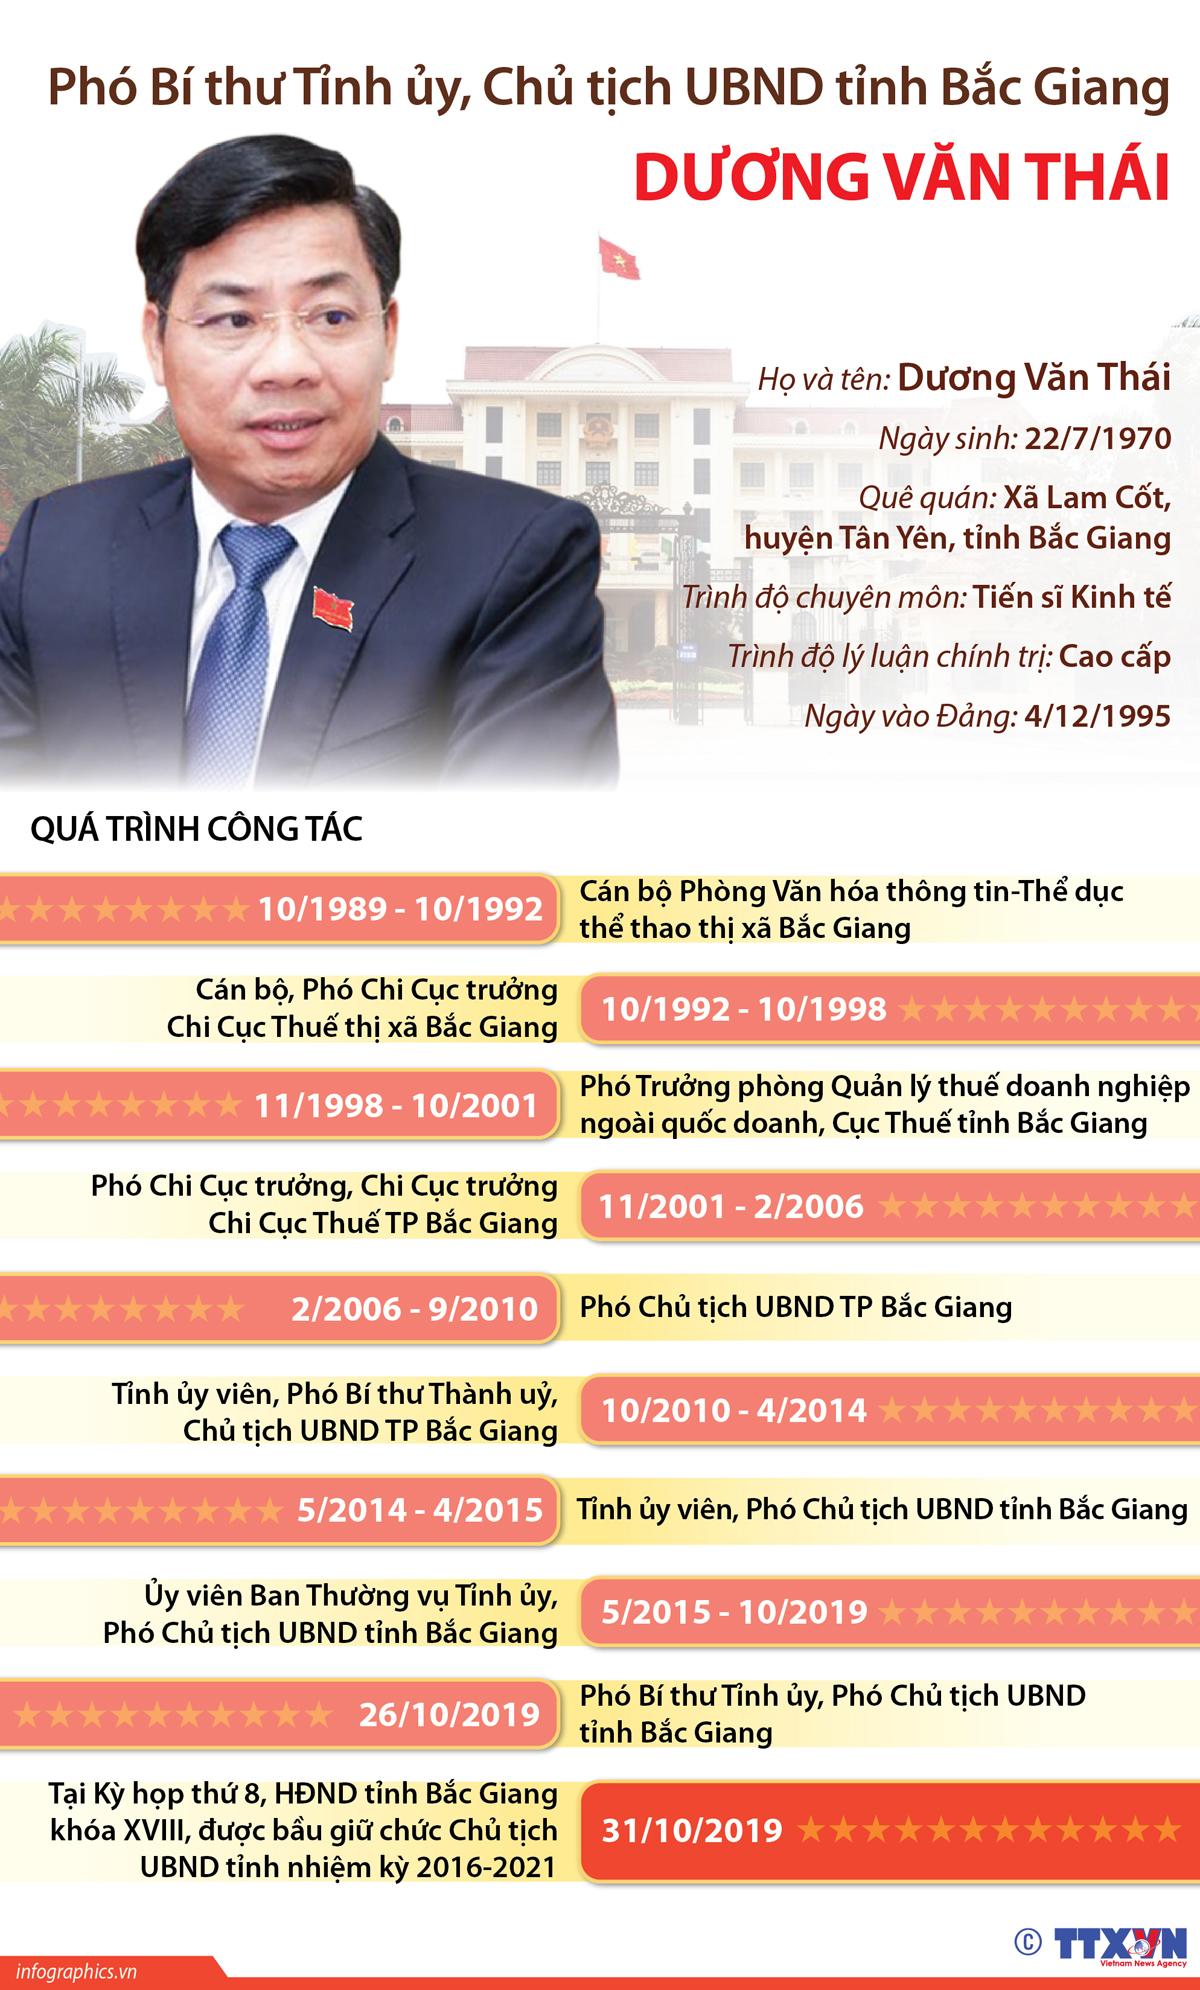 phó bí thư tỉnh ủy, chủ tịch UBND, tỉnh bắc giang, dương văn thái, HĐND tỉnh Bắc Giang khóa XVIII